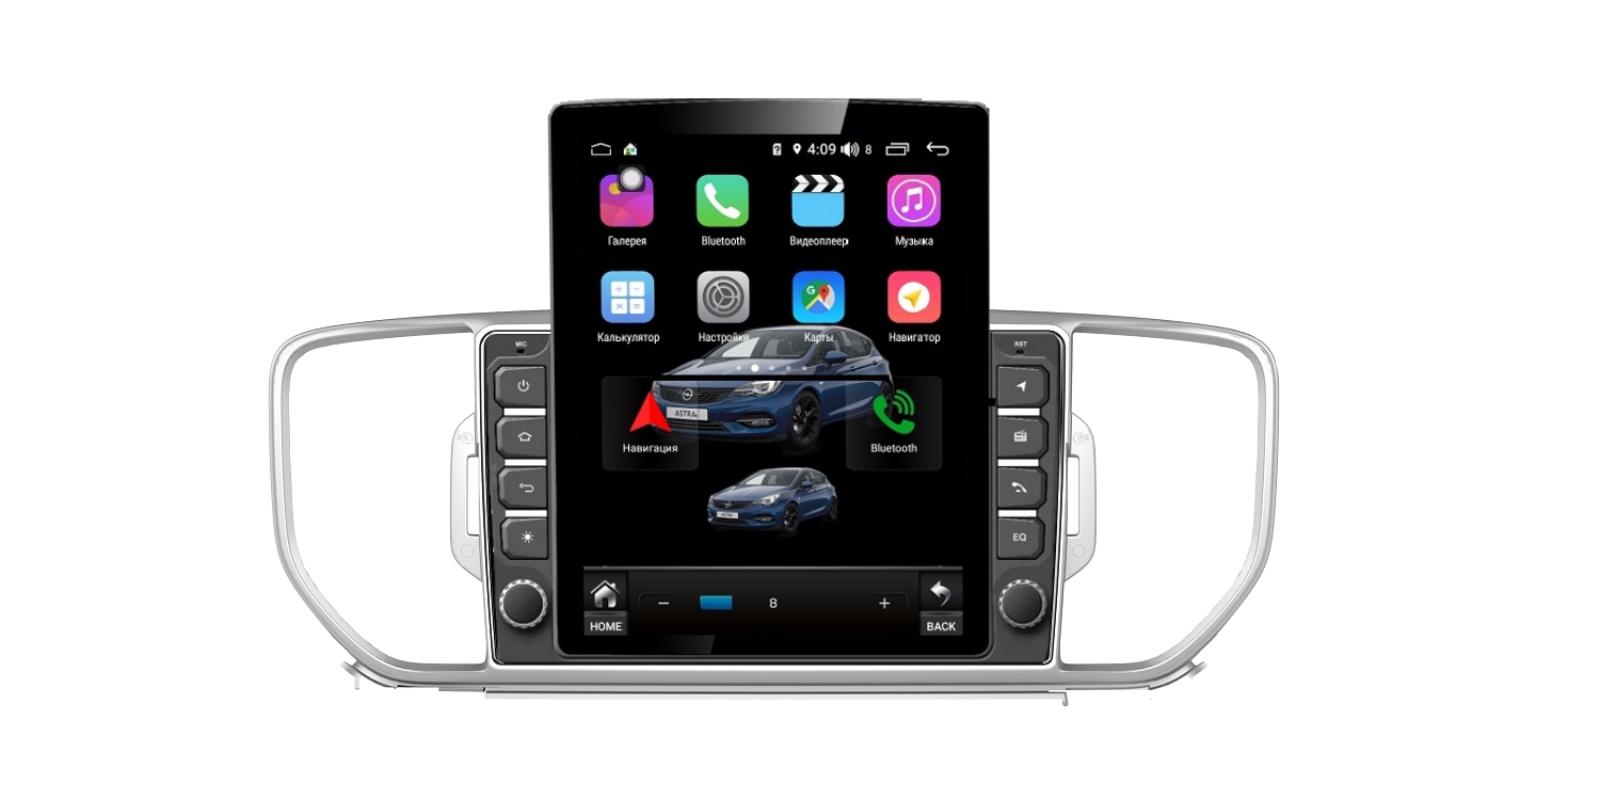 Штатная магнитола FarCar s300+SIM 4G для KIA Sportage на Android (RT576R) (+ Камера заднего вида в подарок!)